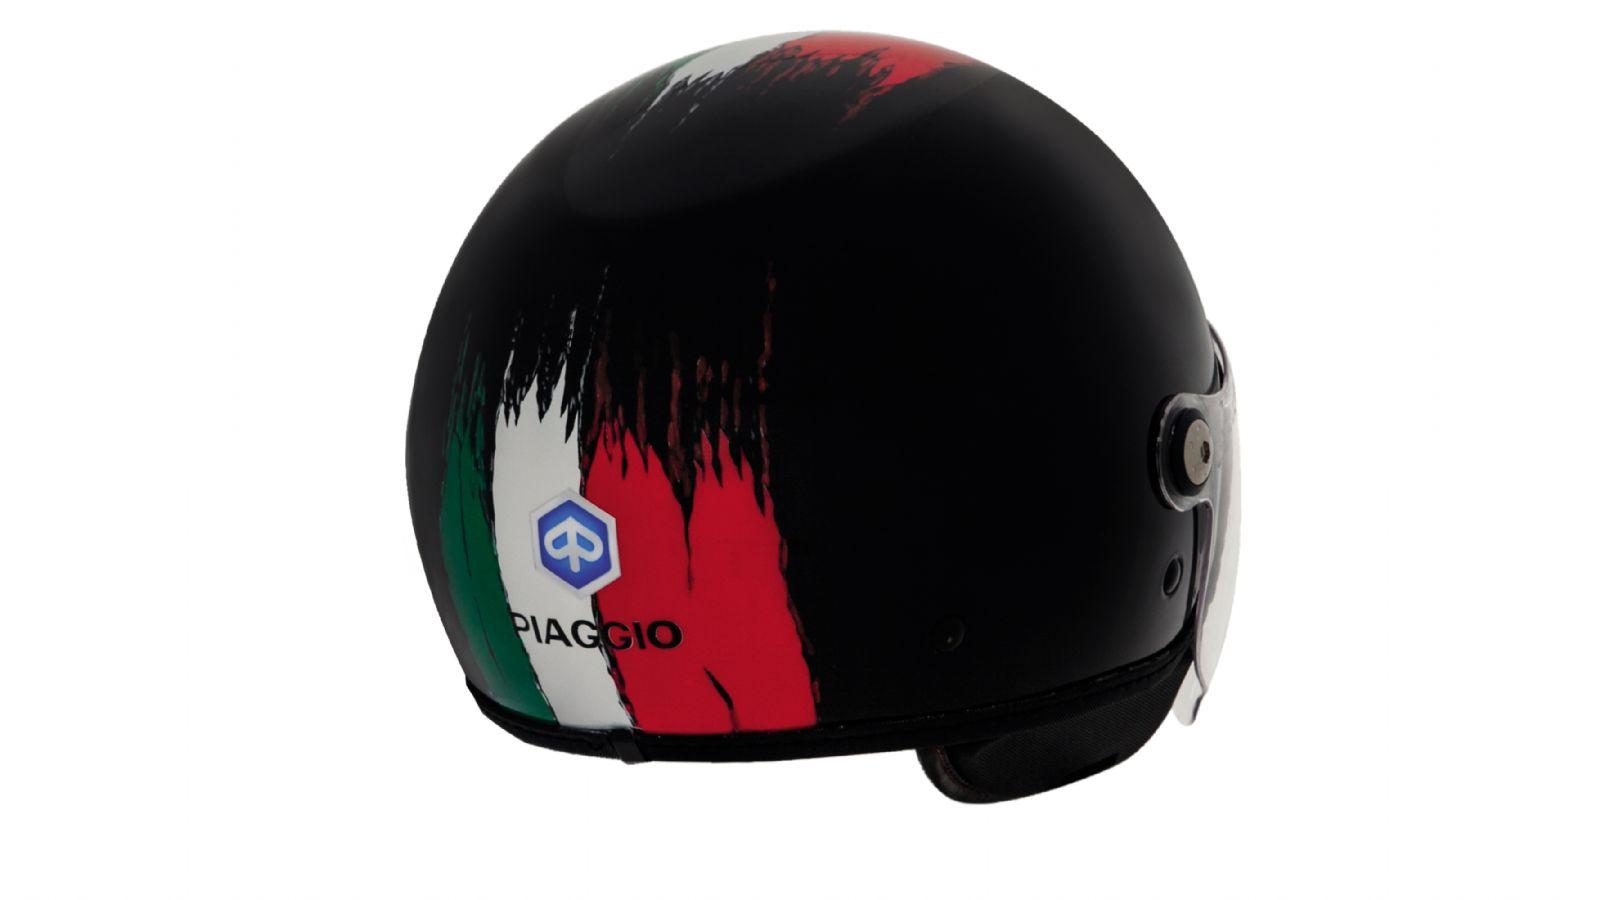 Κράνος Piaggio Style 660c904094a